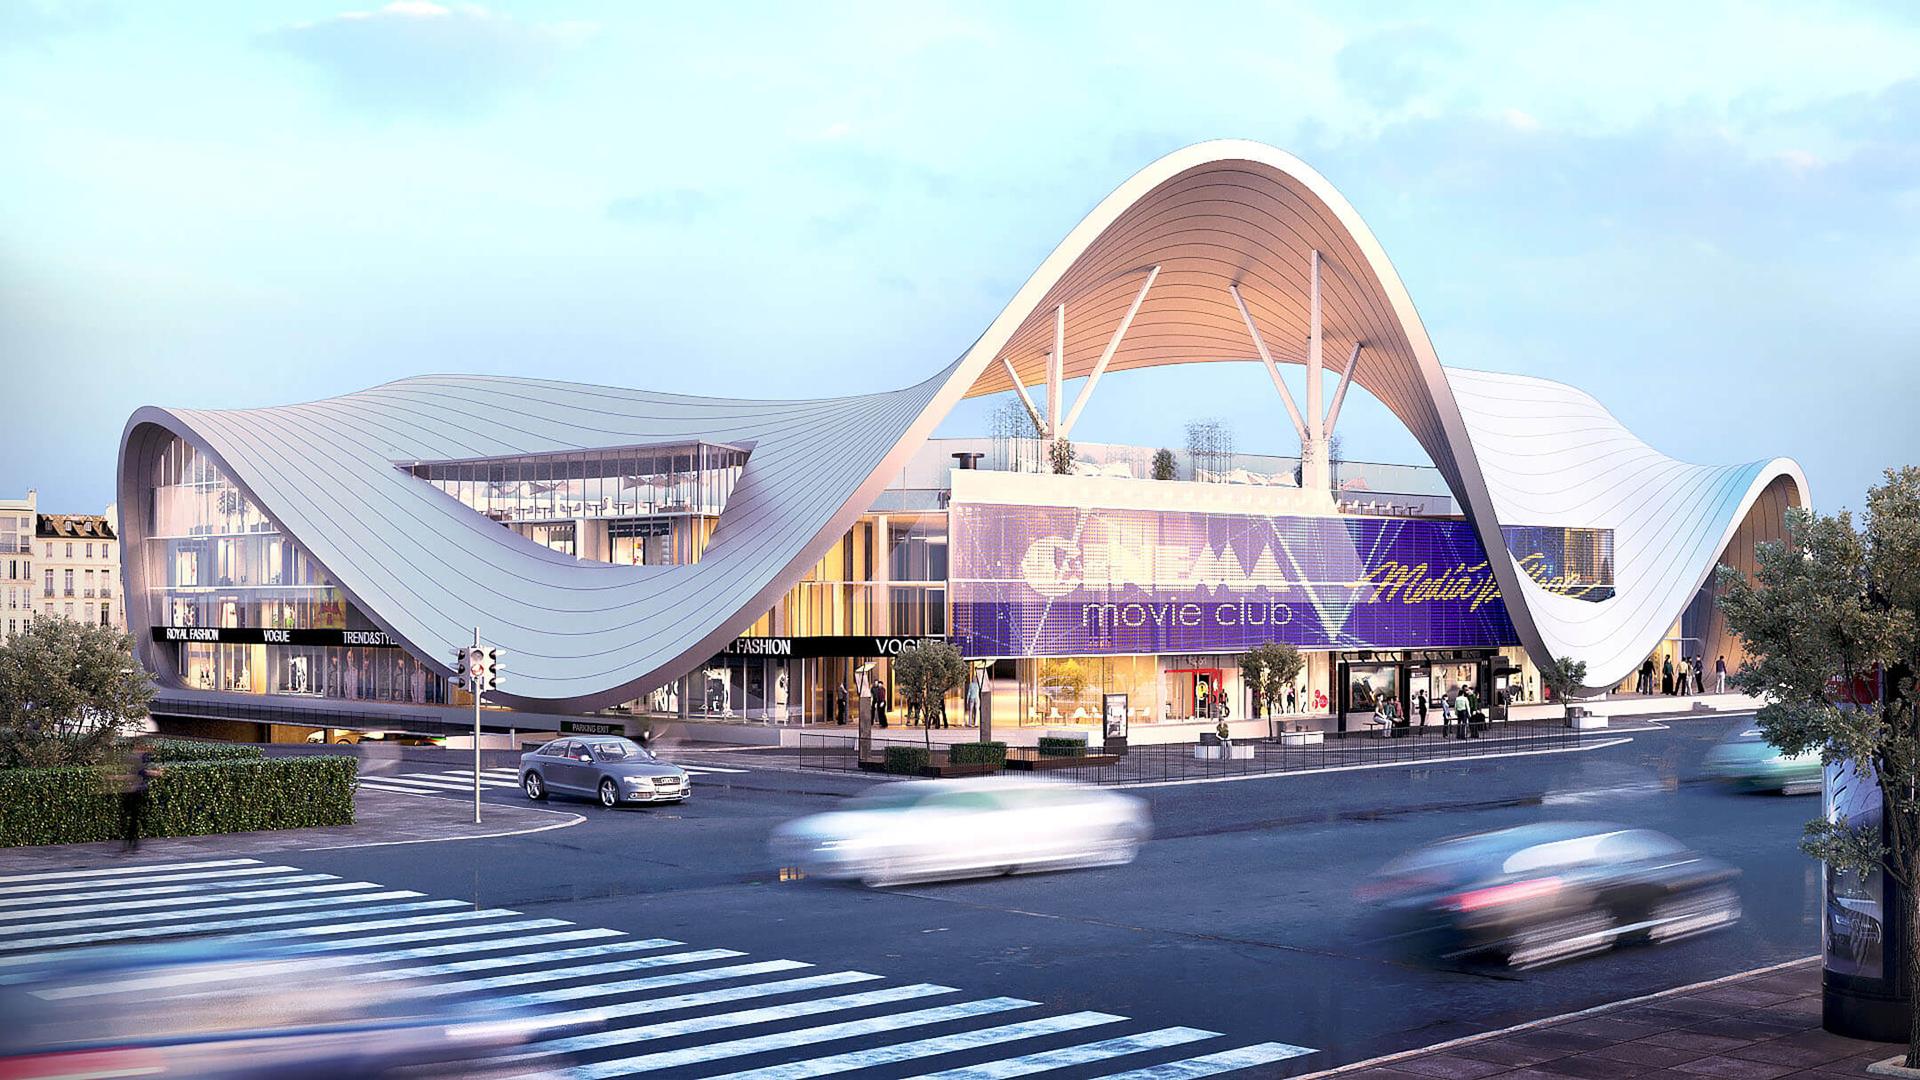 An Inspiring 3D Exterior Visualization of a Mall